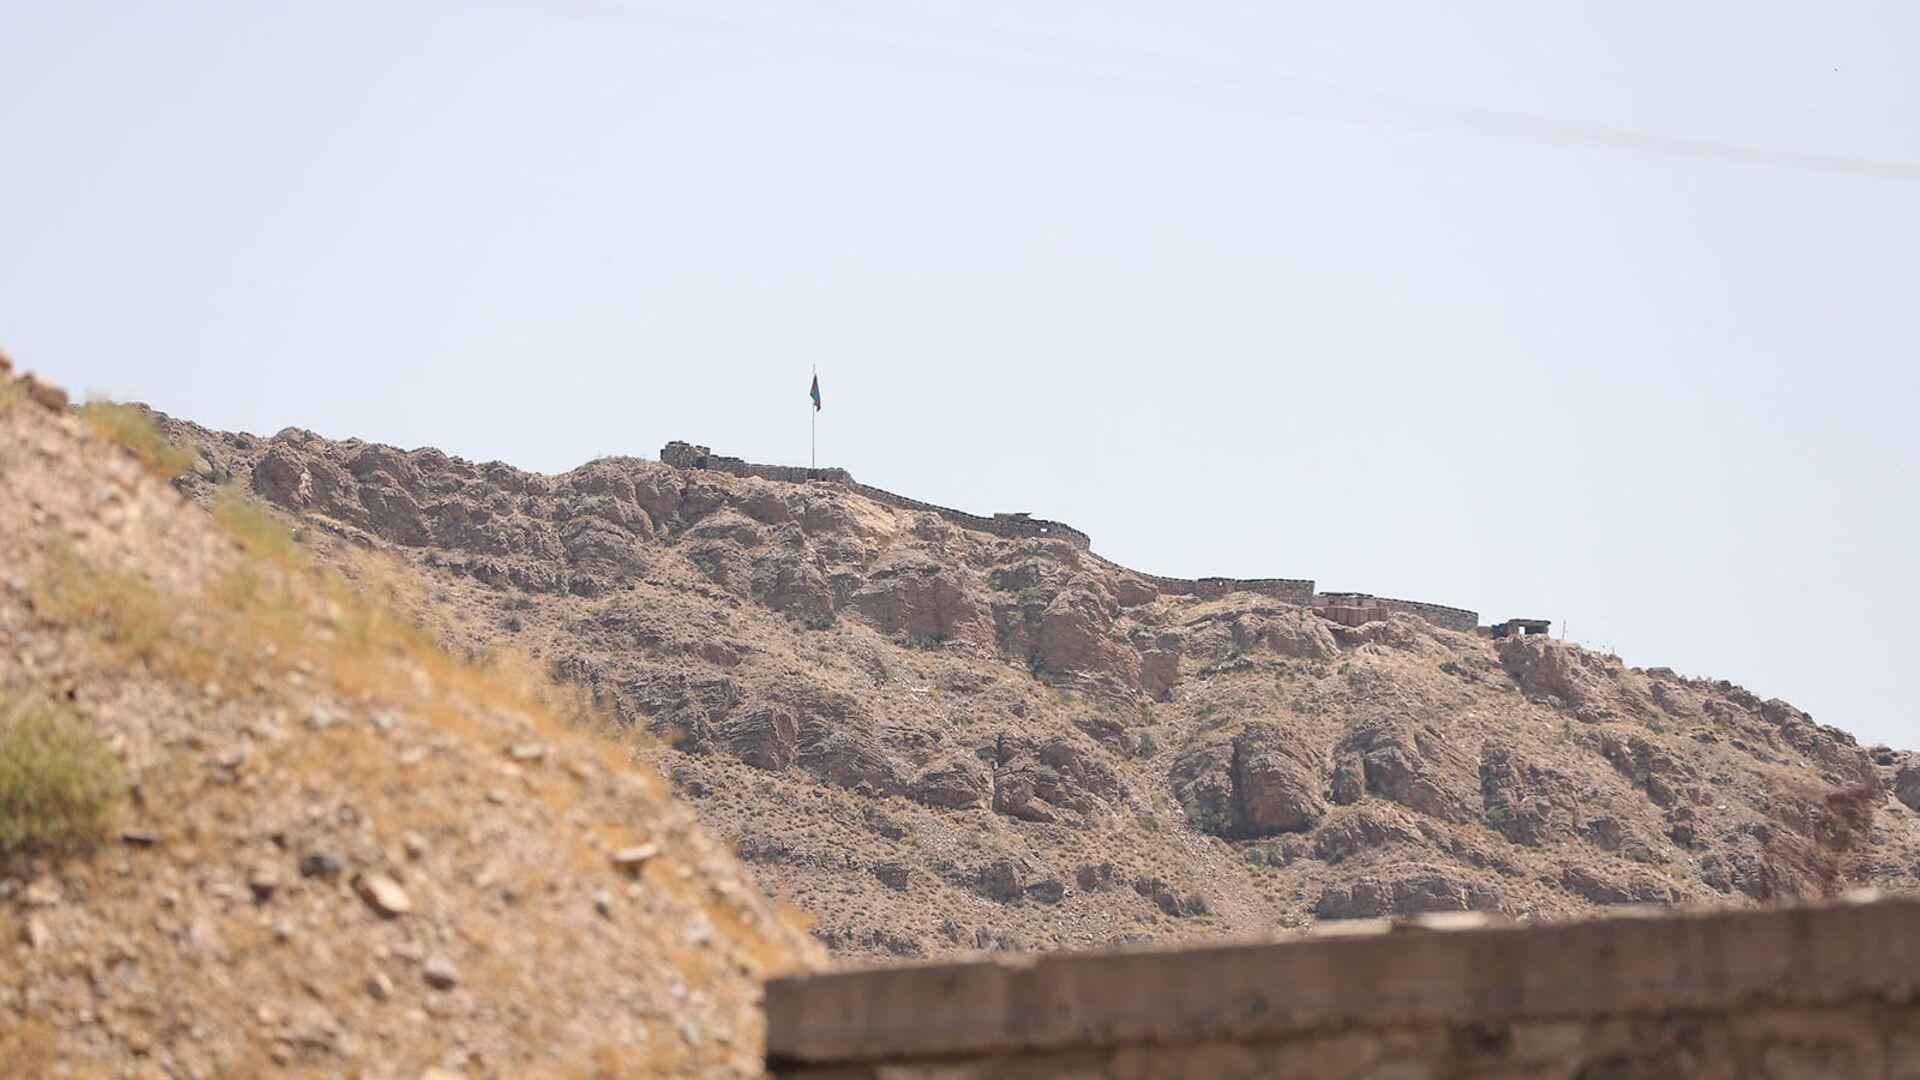 Азербайджанский приграничный пост на границе близ села Ерасх - Sputnik Արմենիա, 1920, 11.08.2021